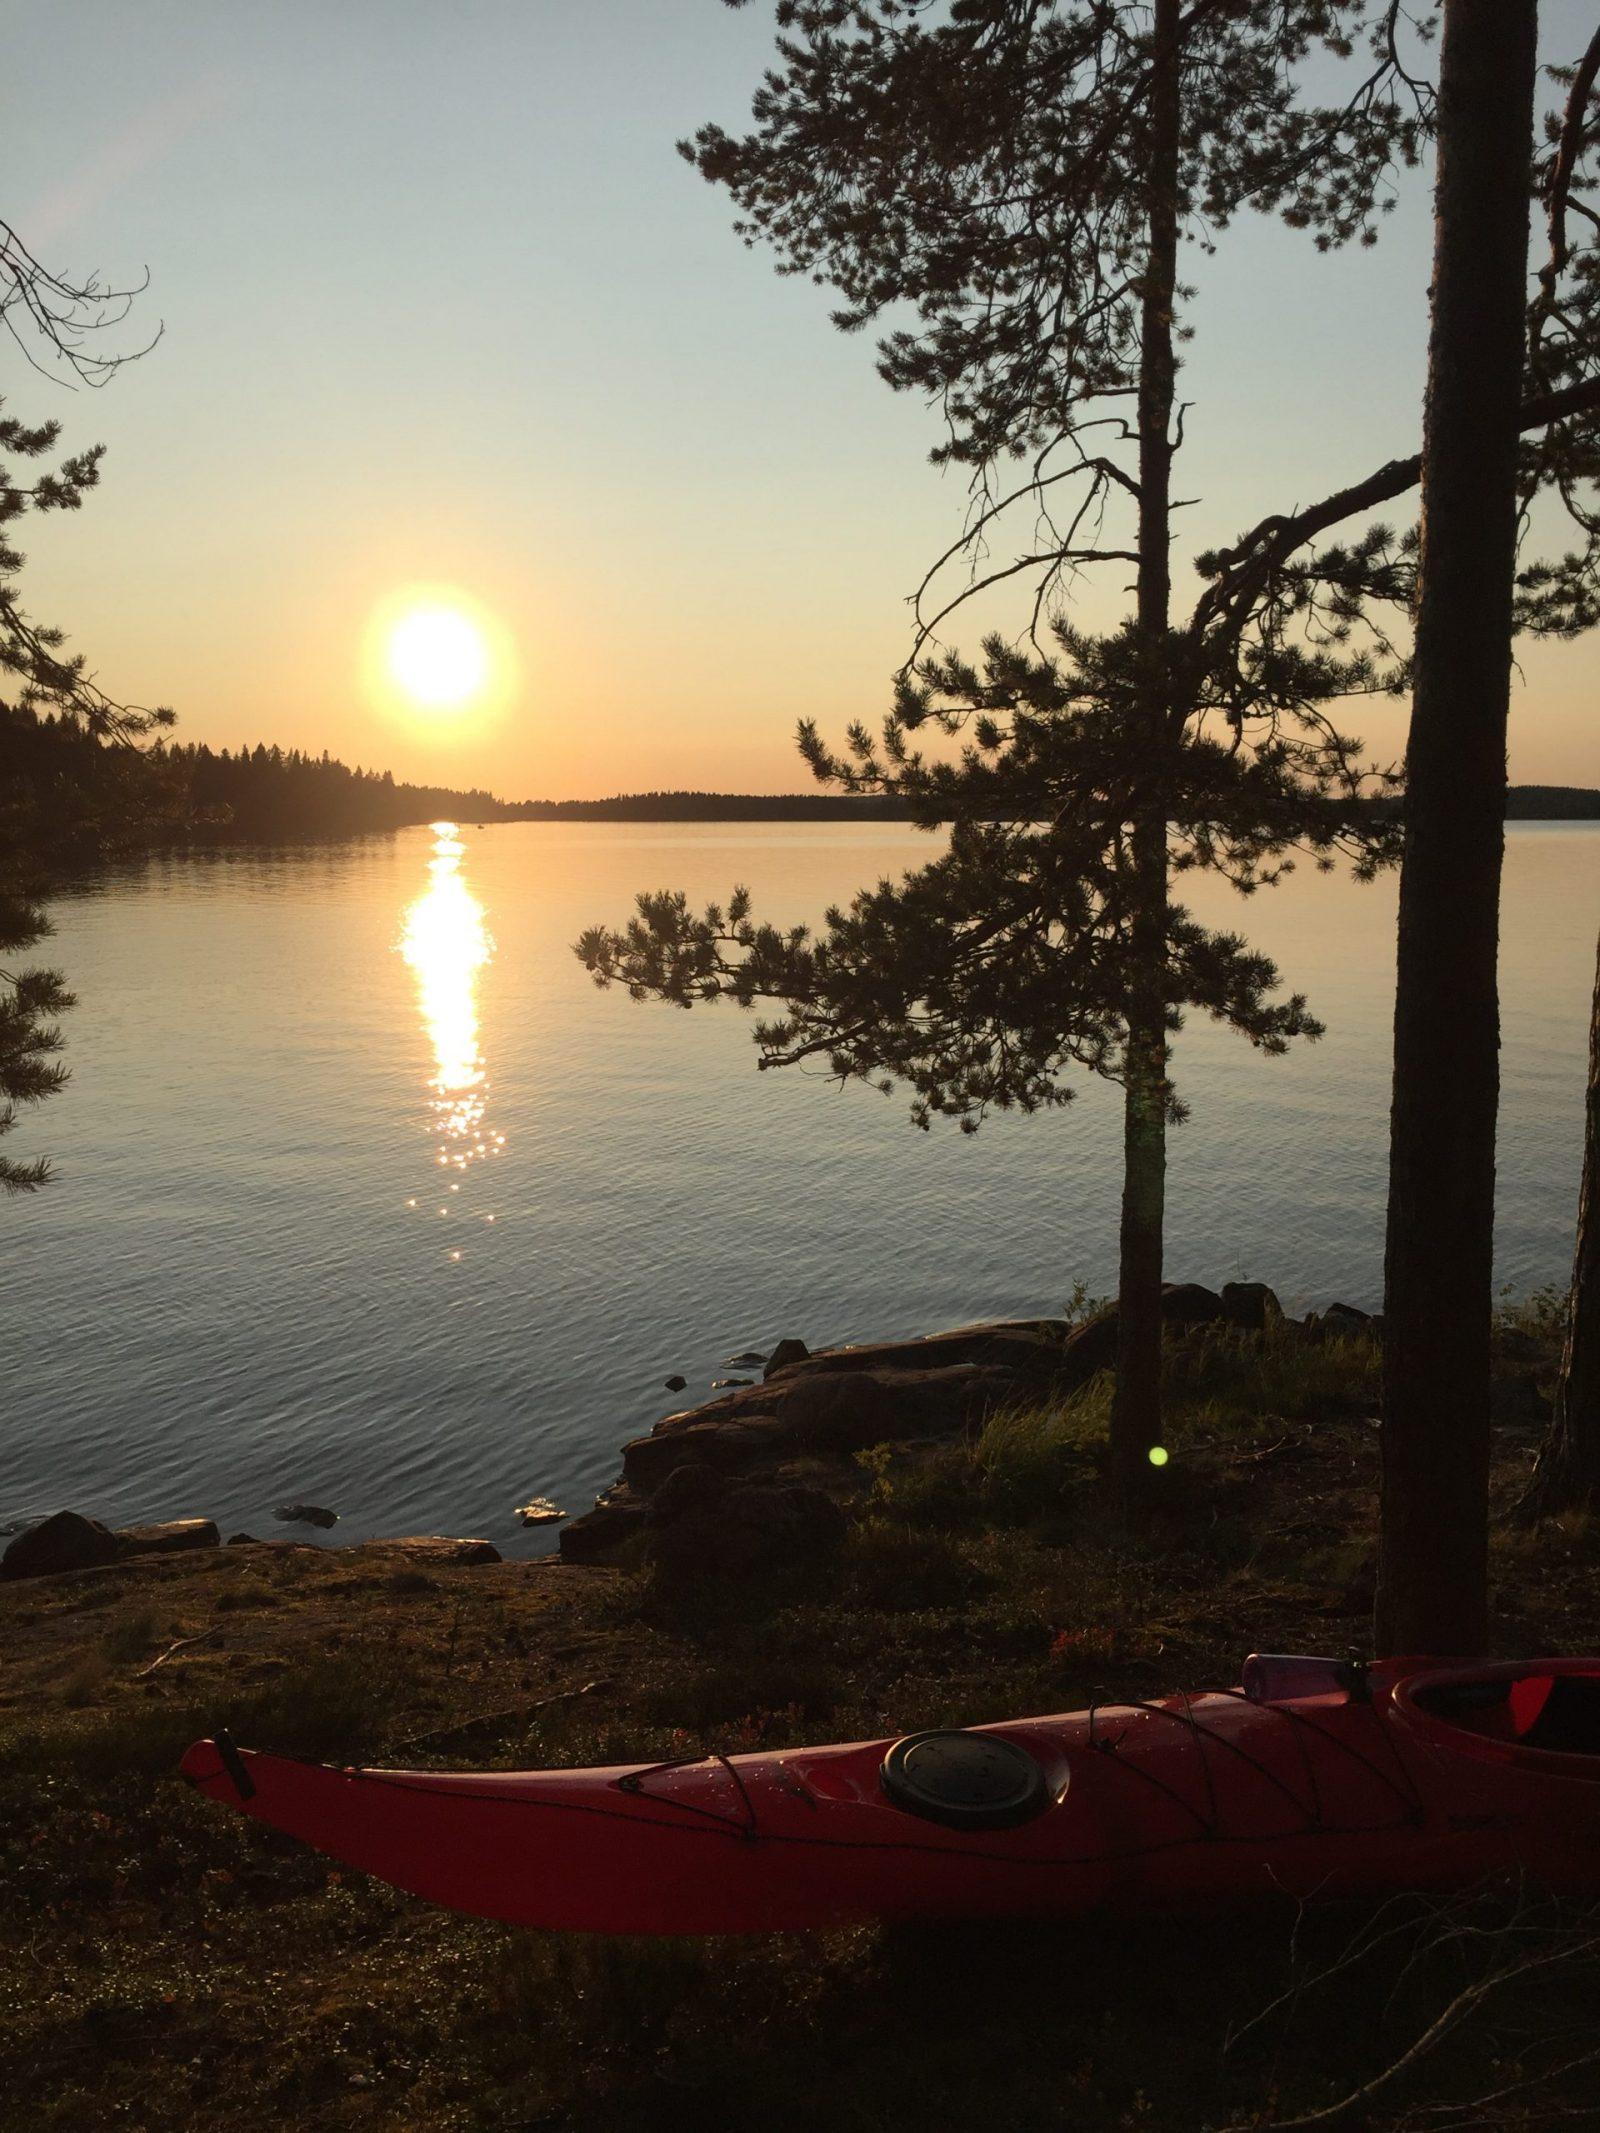 Rannalta otettu kuva kajakista ja auringonlaskusta Rehjansaaressa.